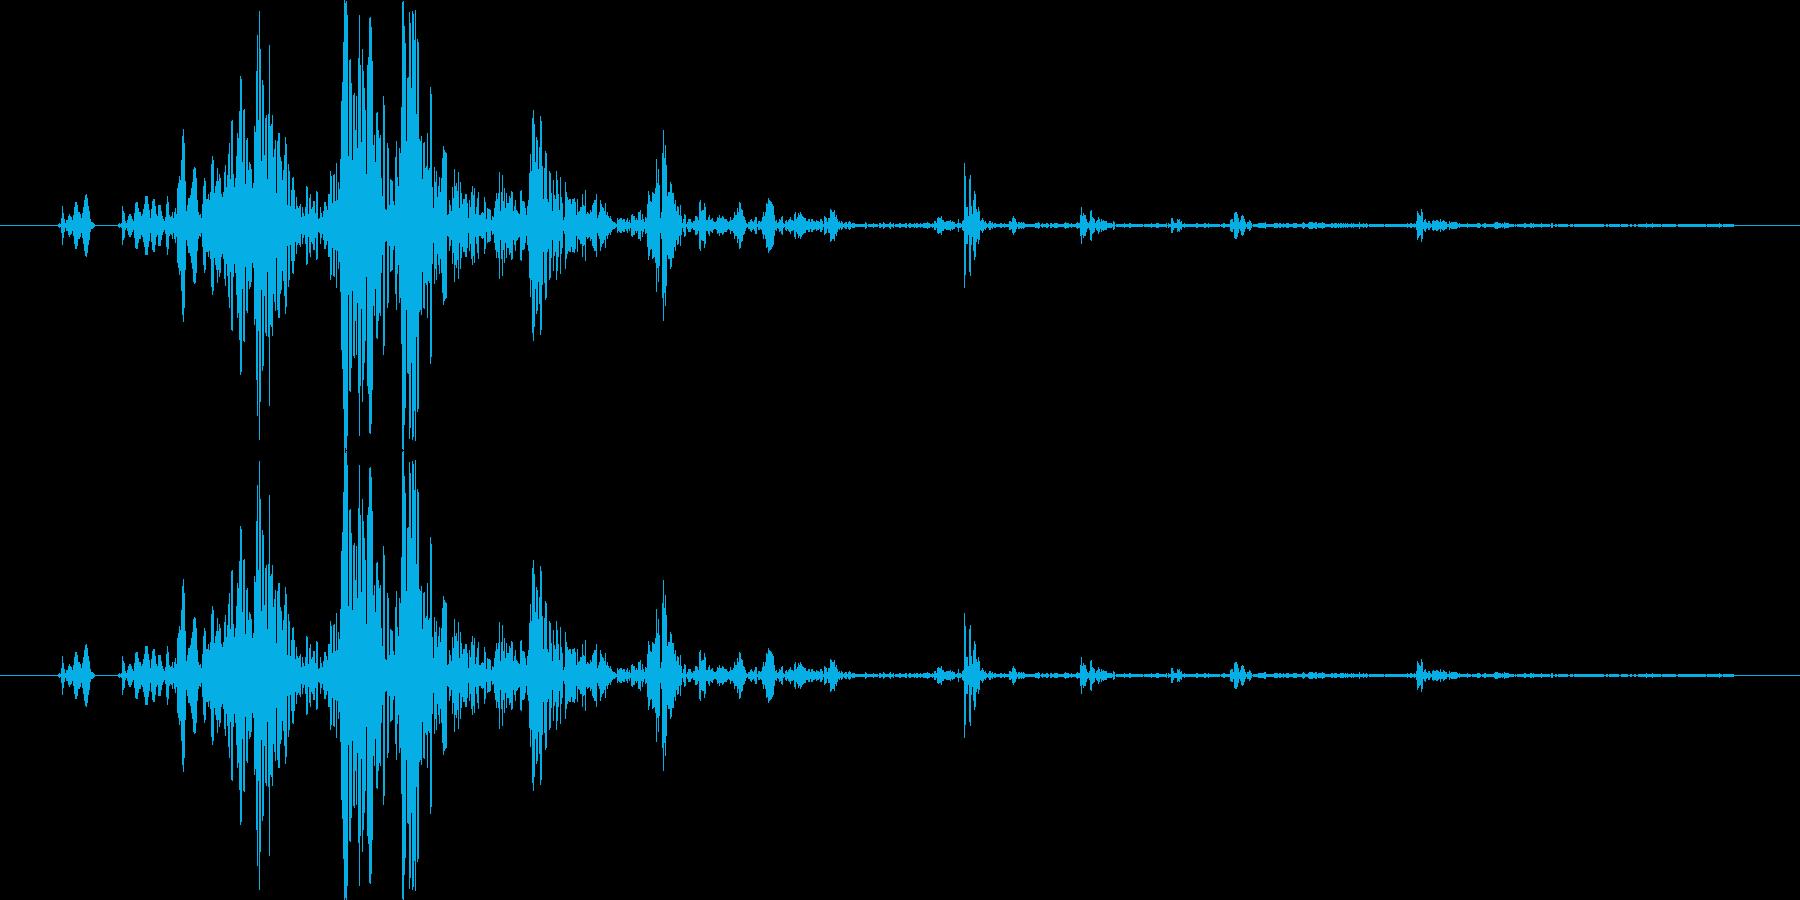 【ゴクン,ごくり】飲む、飲み込む効果音♪の再生済みの波形